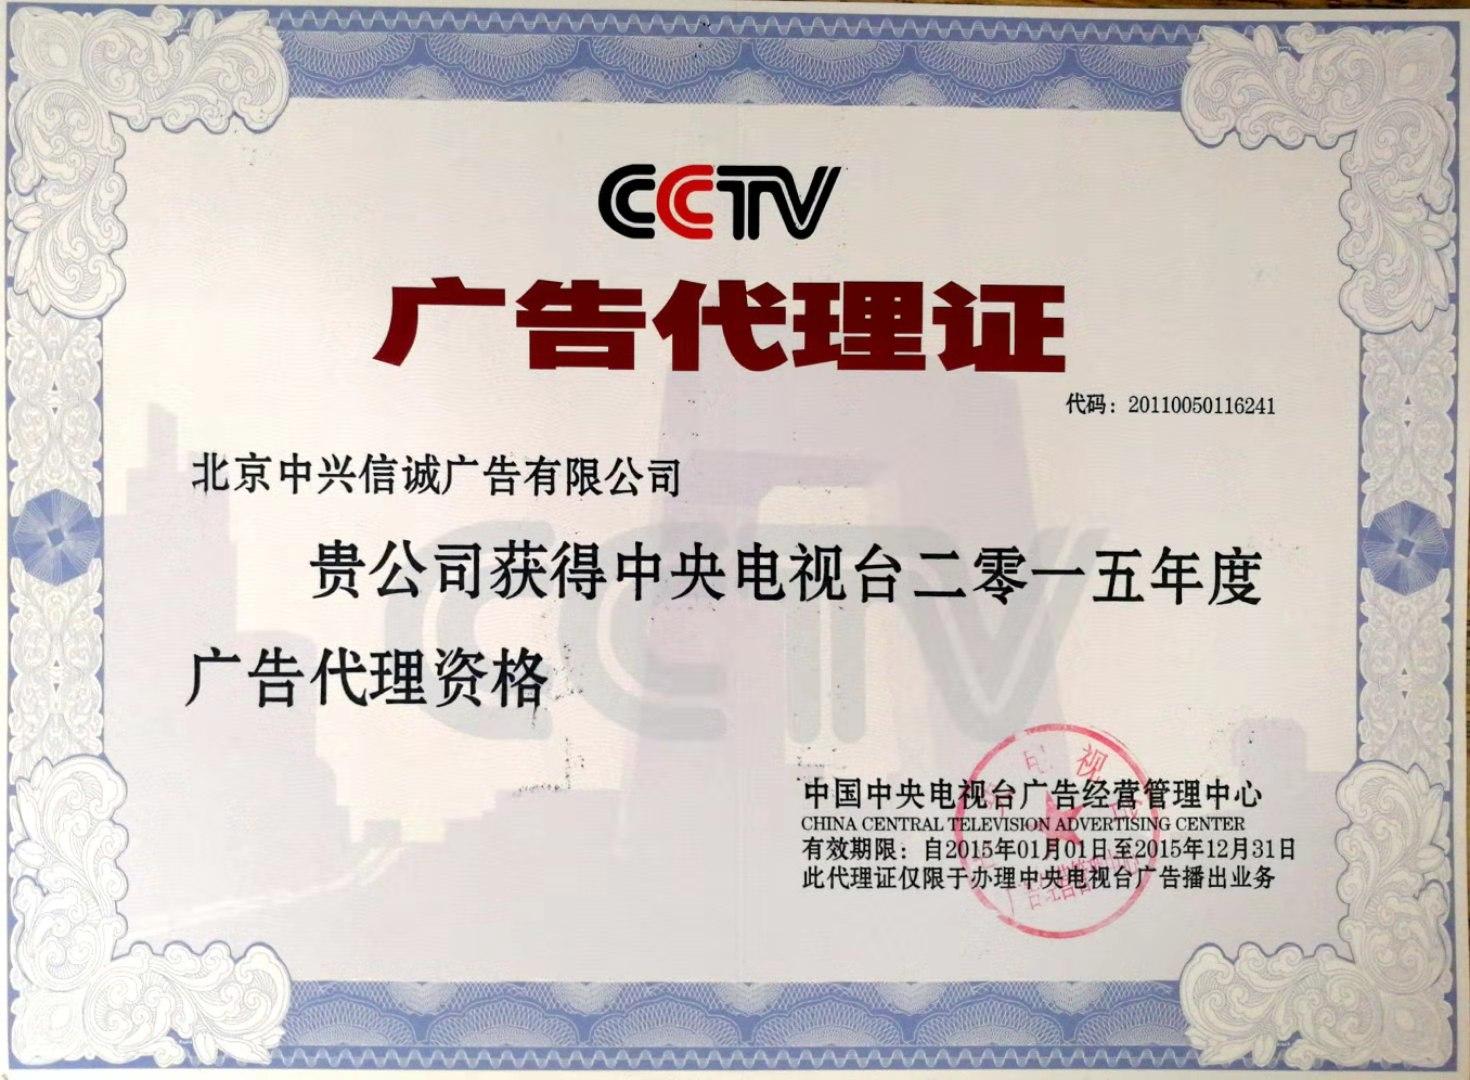 2015年央视代理证